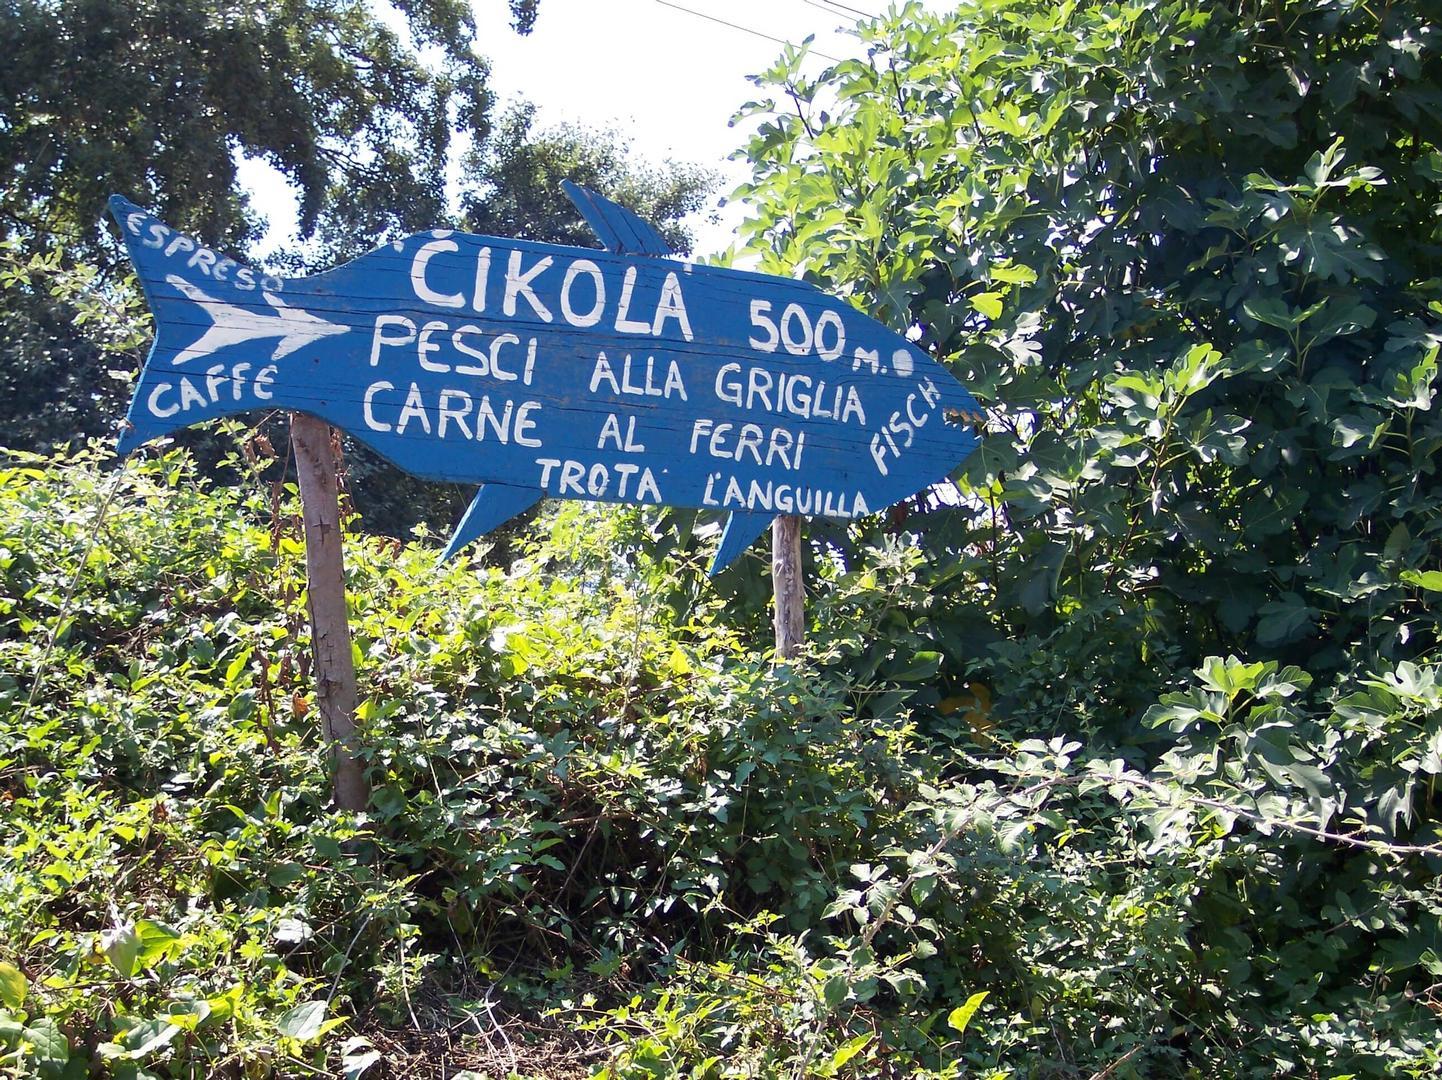 De wegwijzer naar rivierterras Cikola